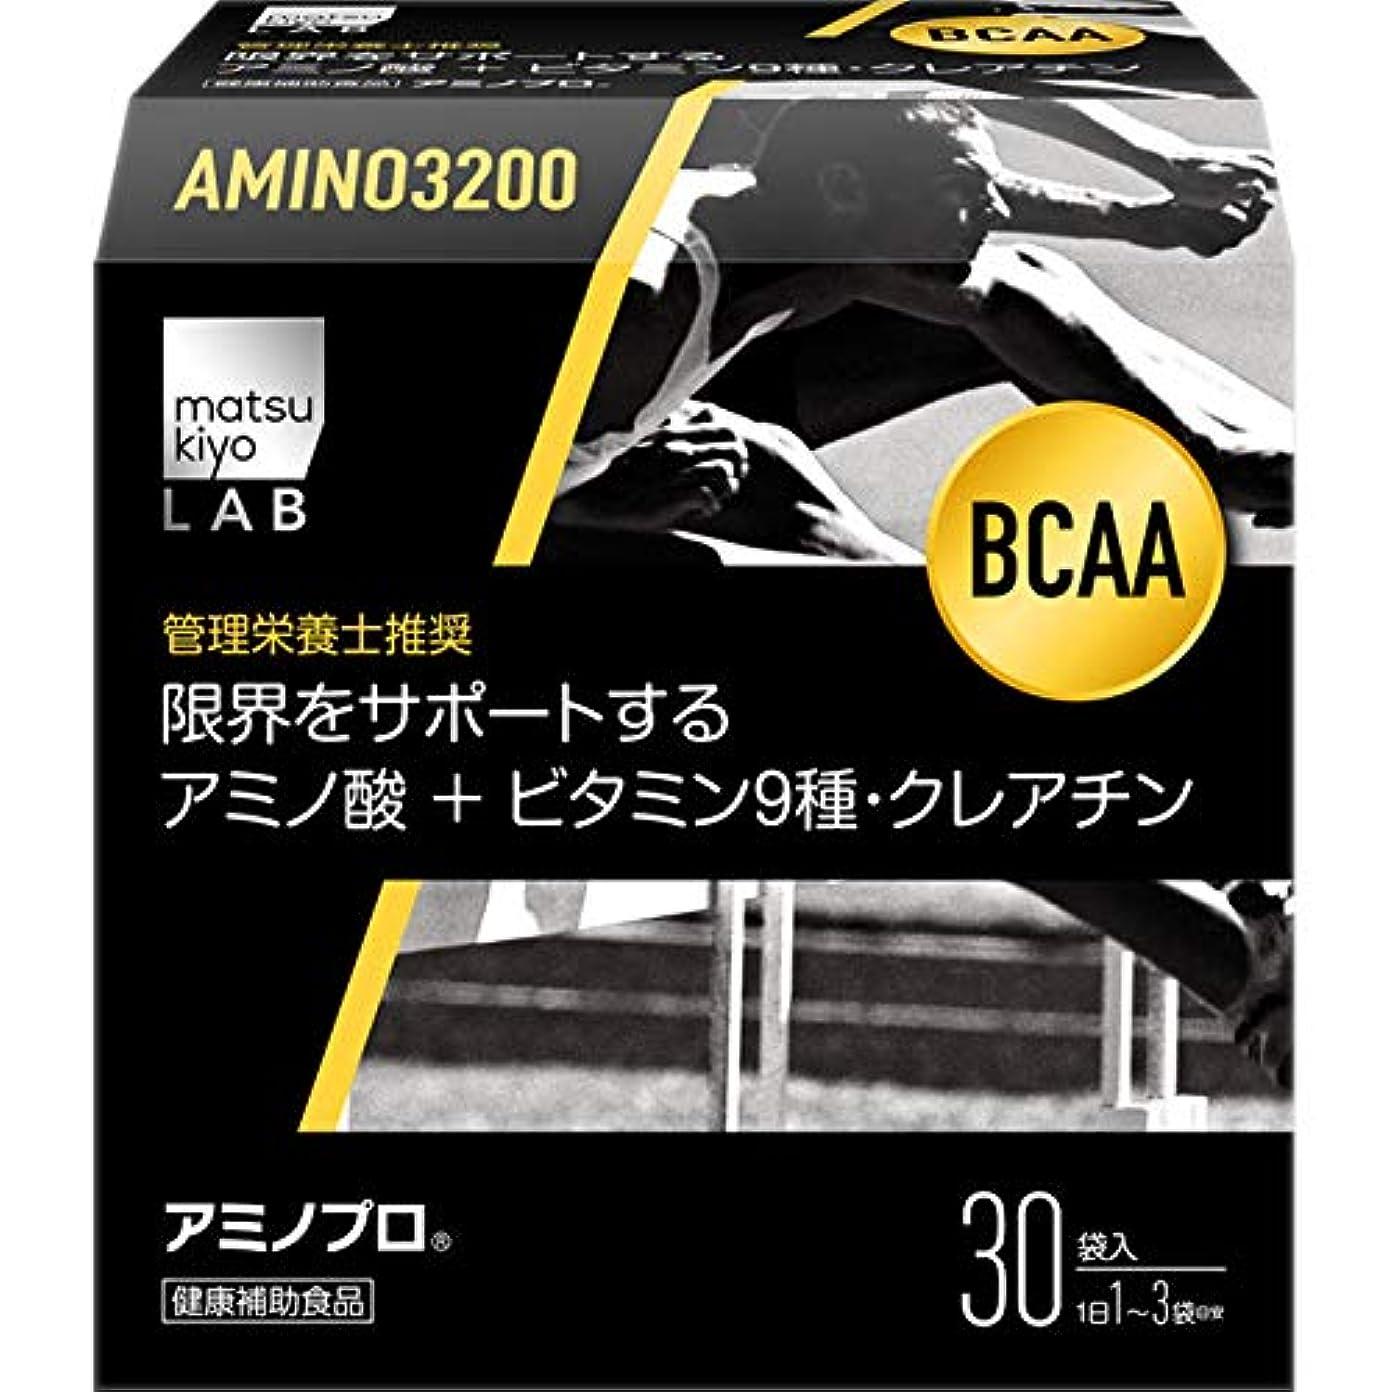 要求クリエイティブキャンプmatsukiyo LAB アミノプロ 30包